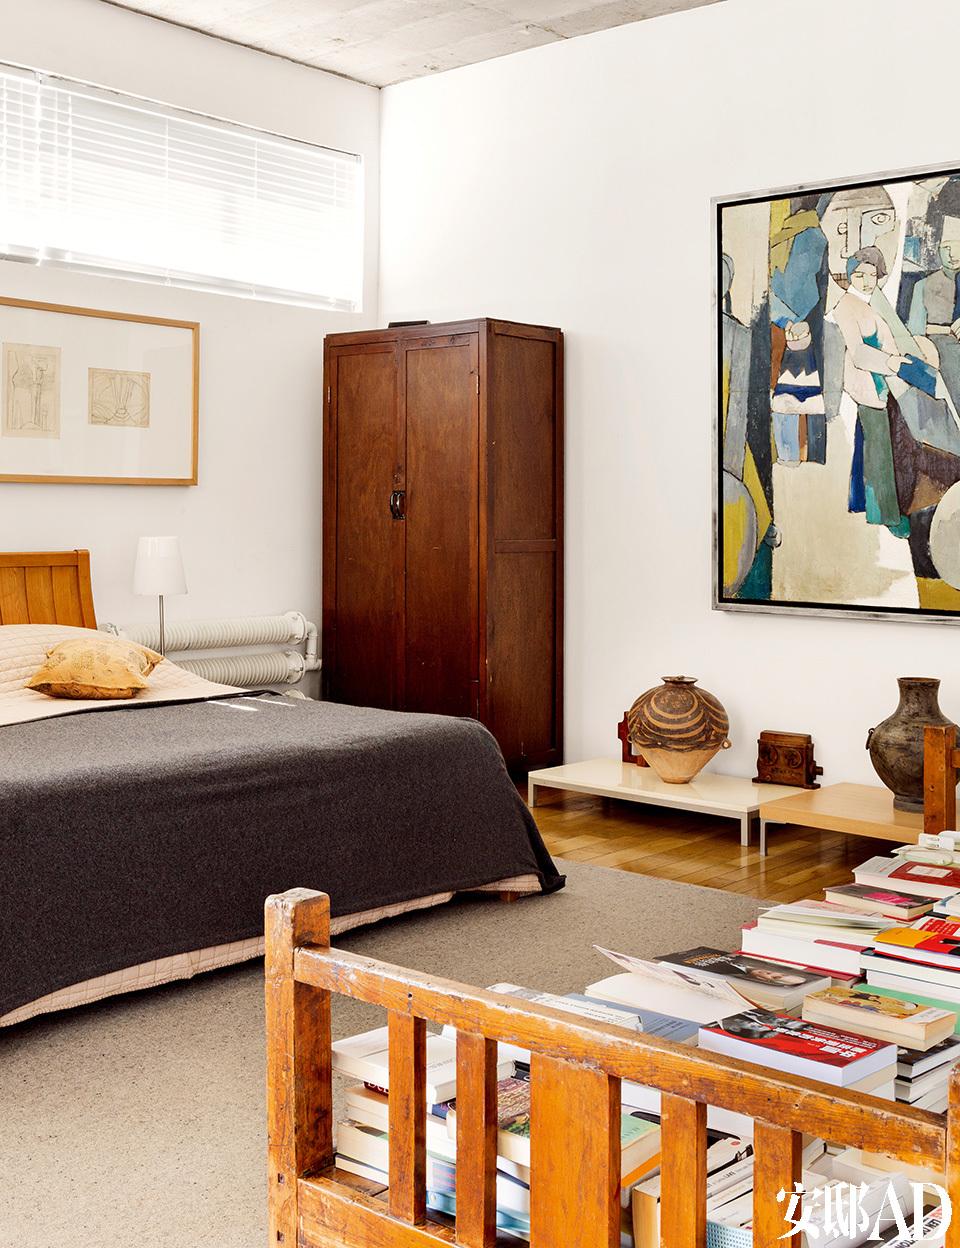 床前放满书的是798工厂里淘汰的木架子床。即便屋子里最多的摆设砖雕,也多是从山西淘来的,不是什么著名文物。